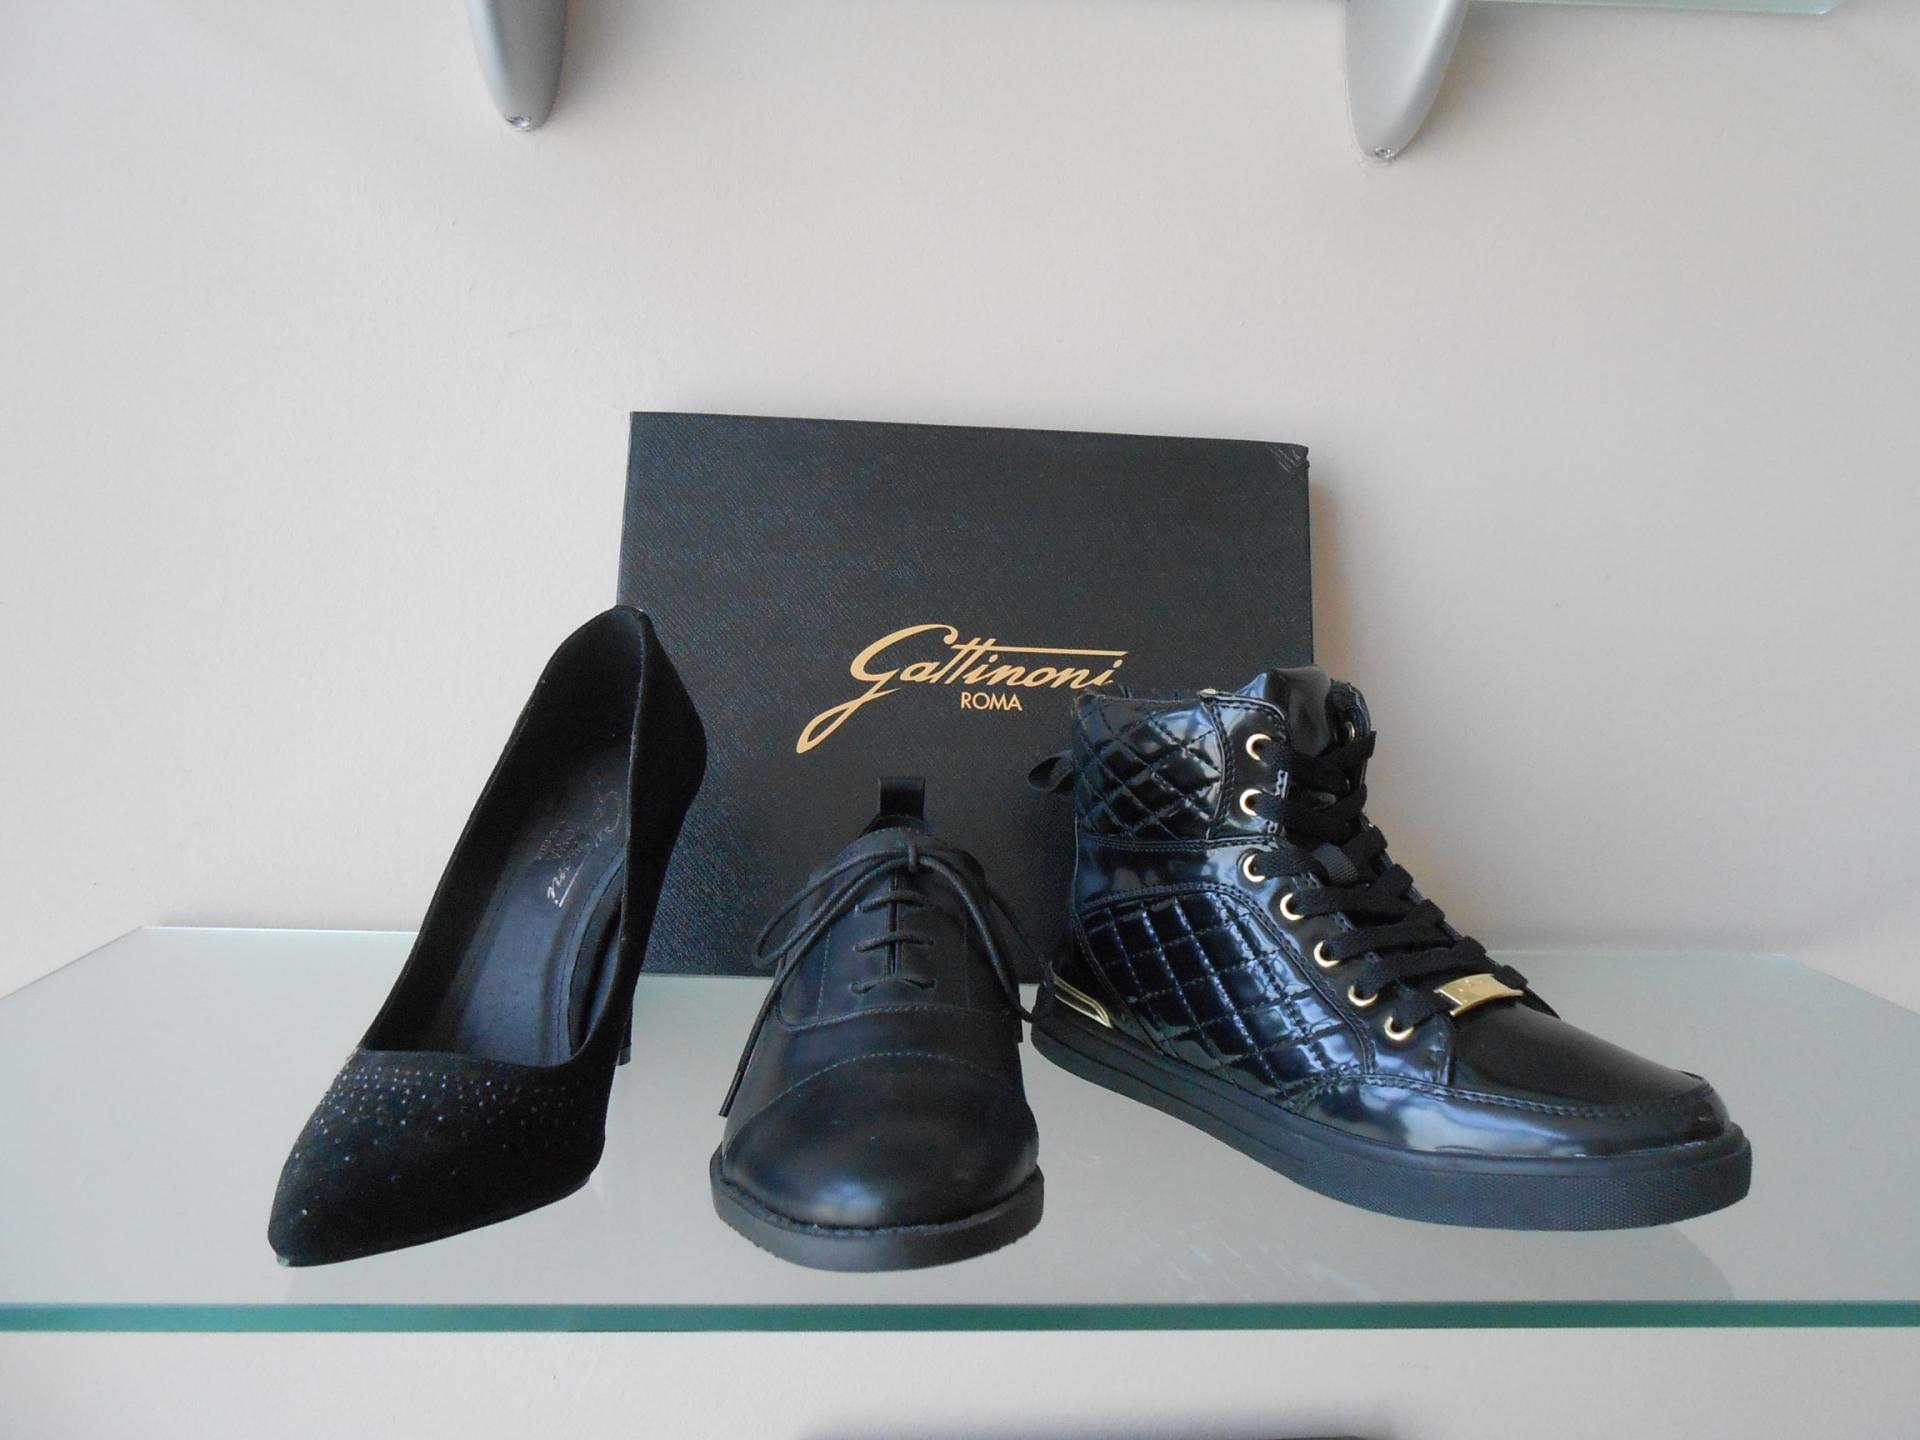 Stock calzature donna firmate GATTINONI ROMA  372a6429b73